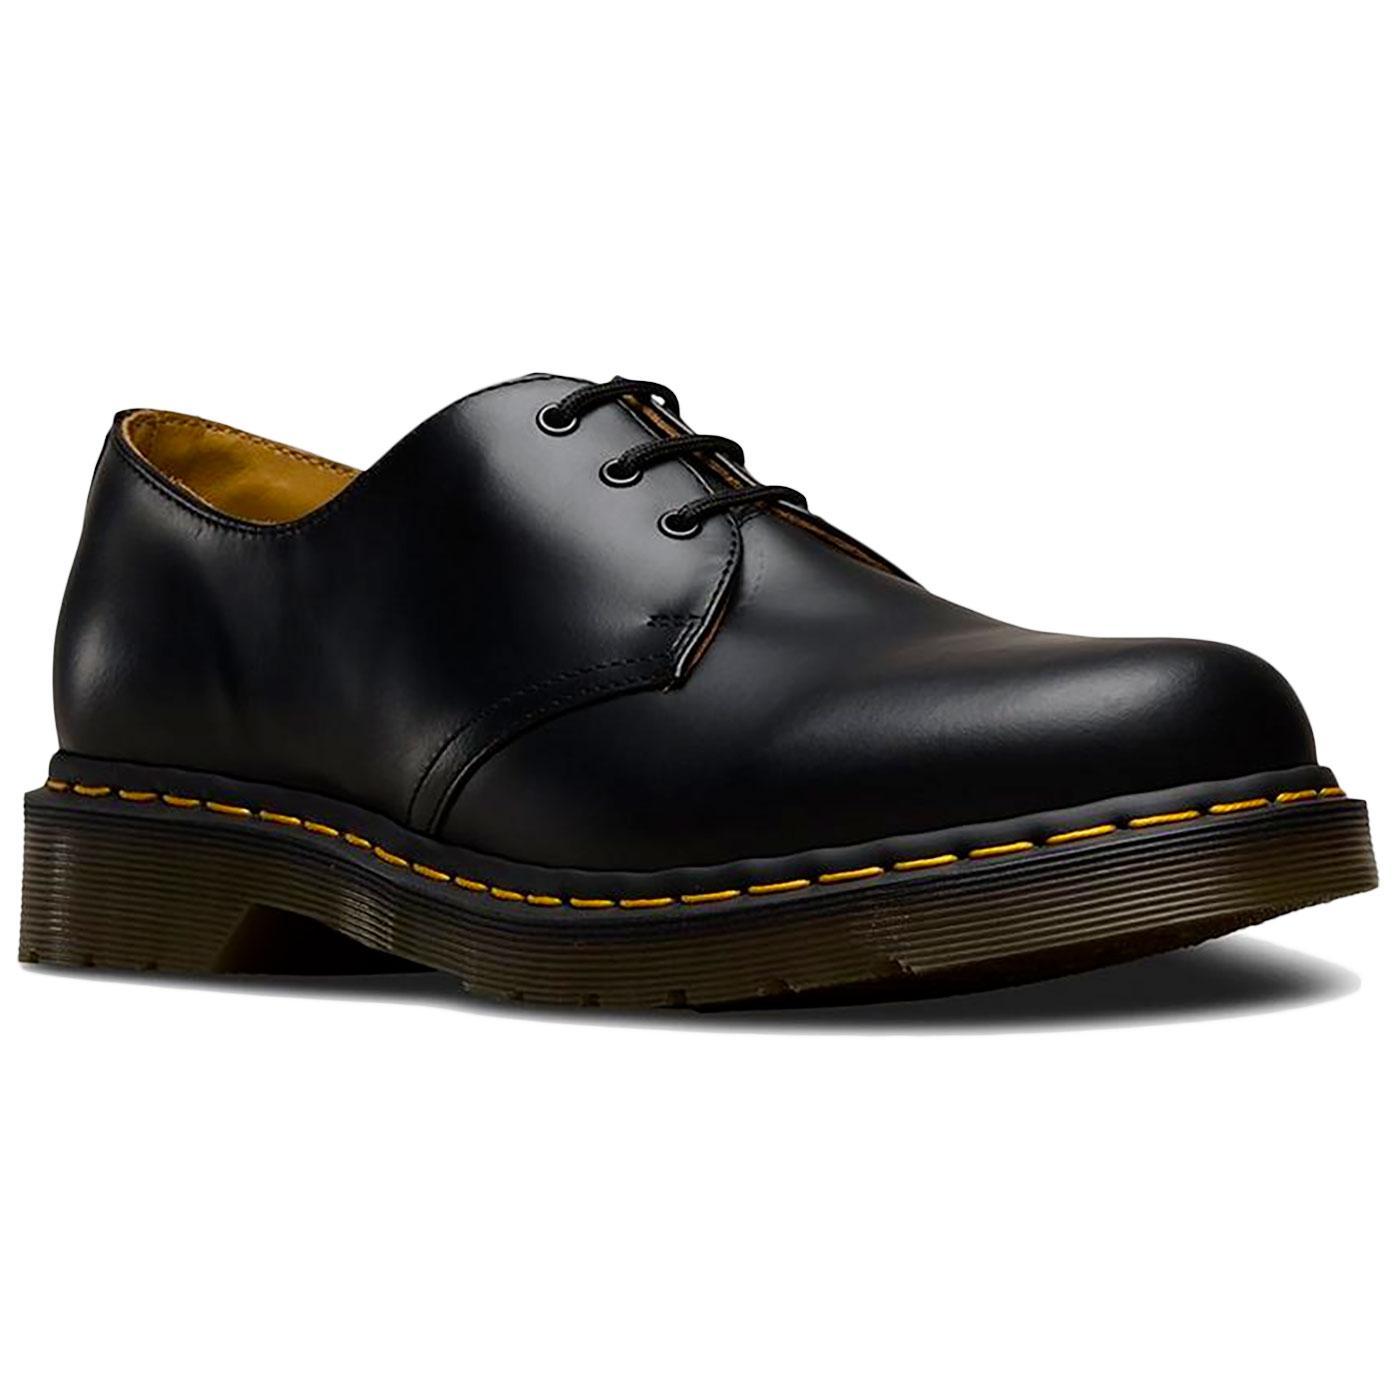 1461 DR MARTENS Retro 60s Black Retro Shoes